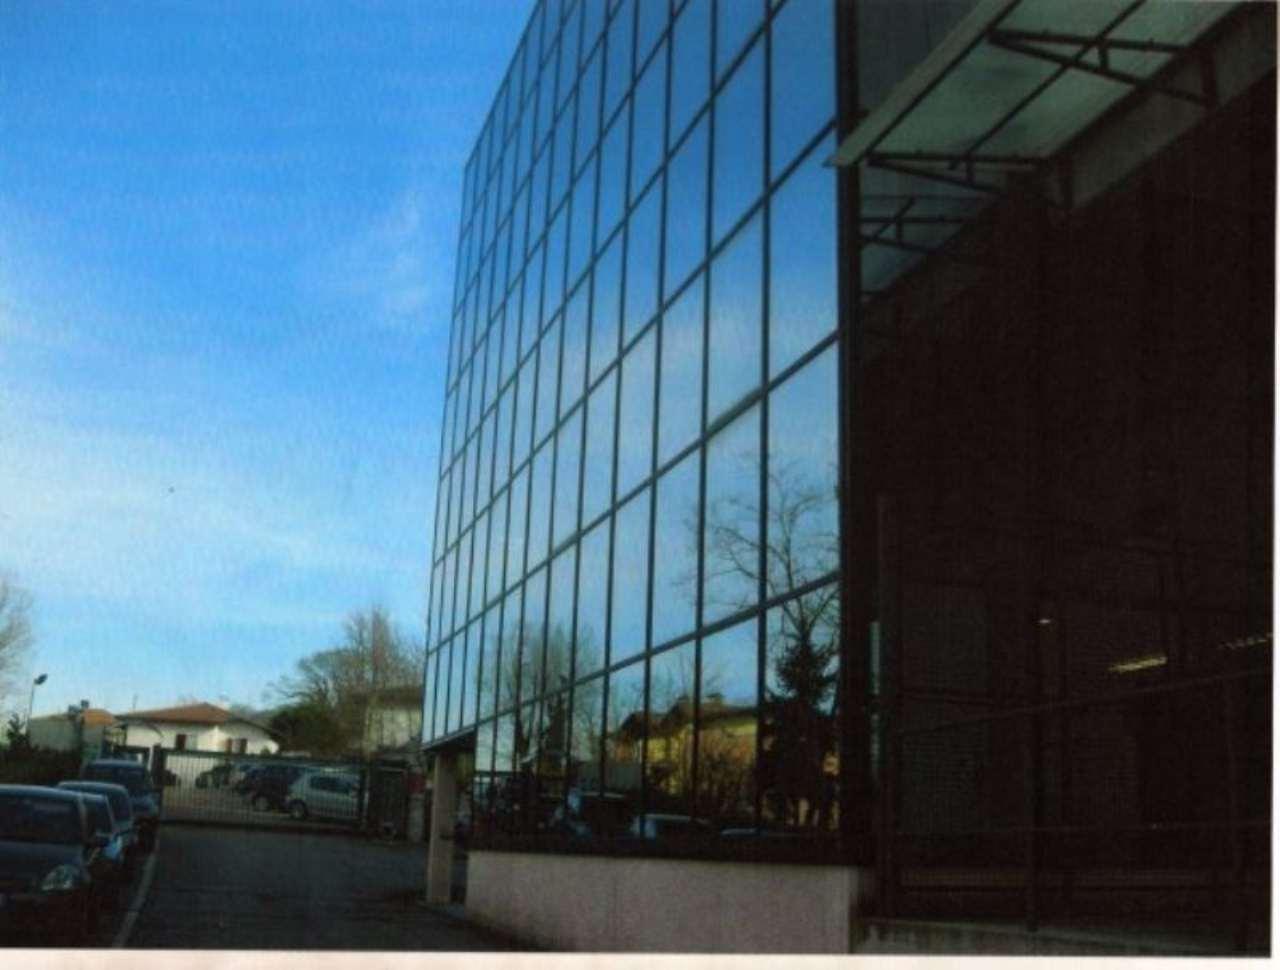 Immobile Commerciale in vendita a Gazzada Schianno, 6 locali, prezzo € 2.700.000 | Cambio Casa.it